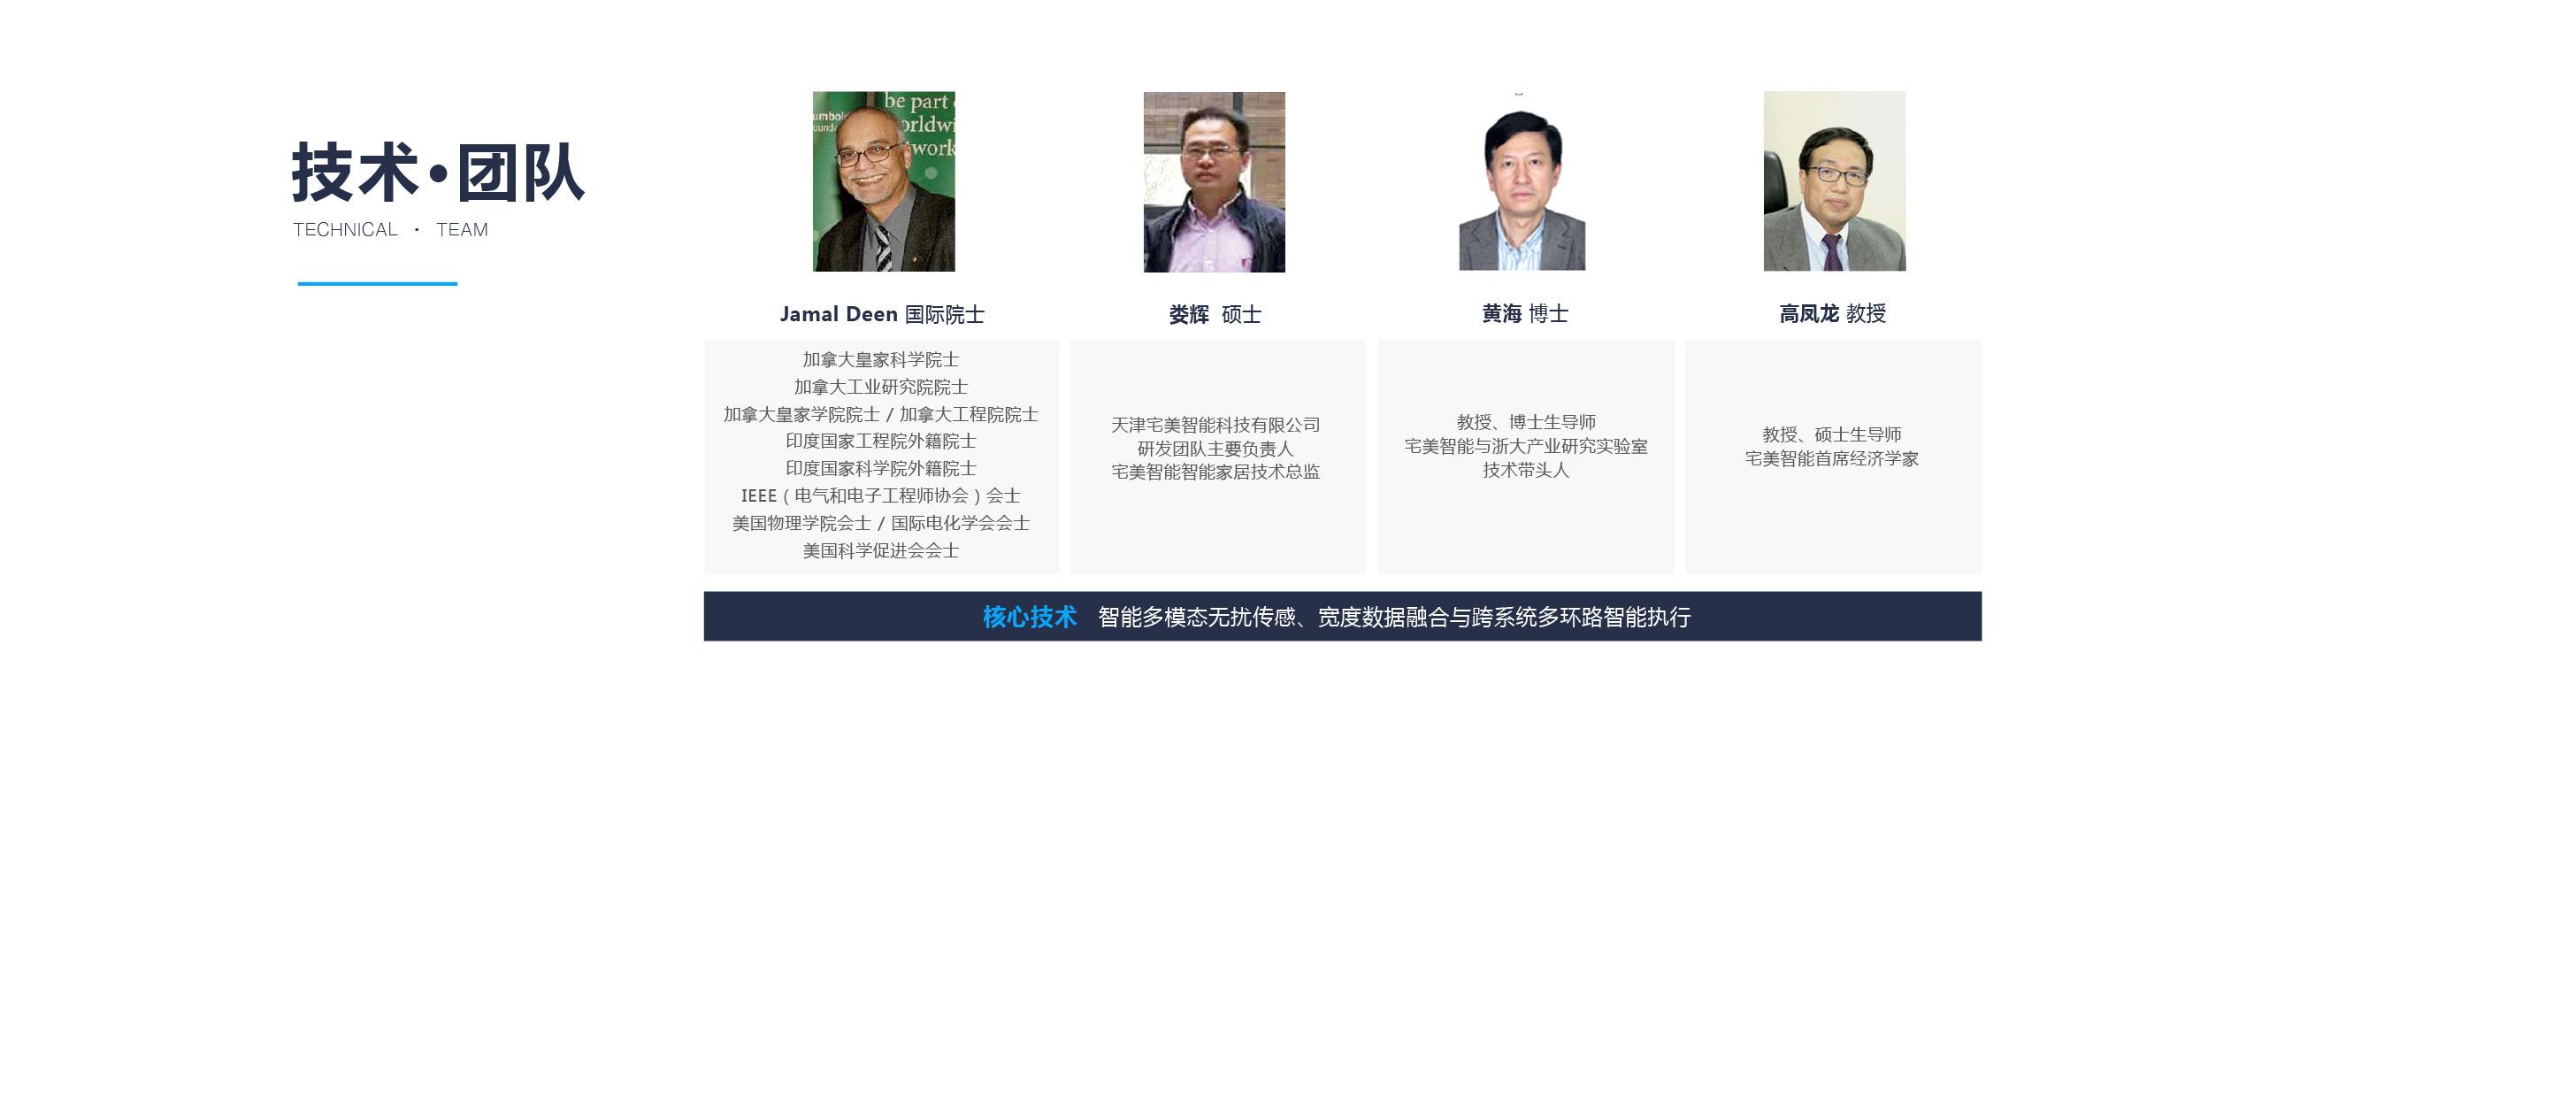 天津宅美科技公司